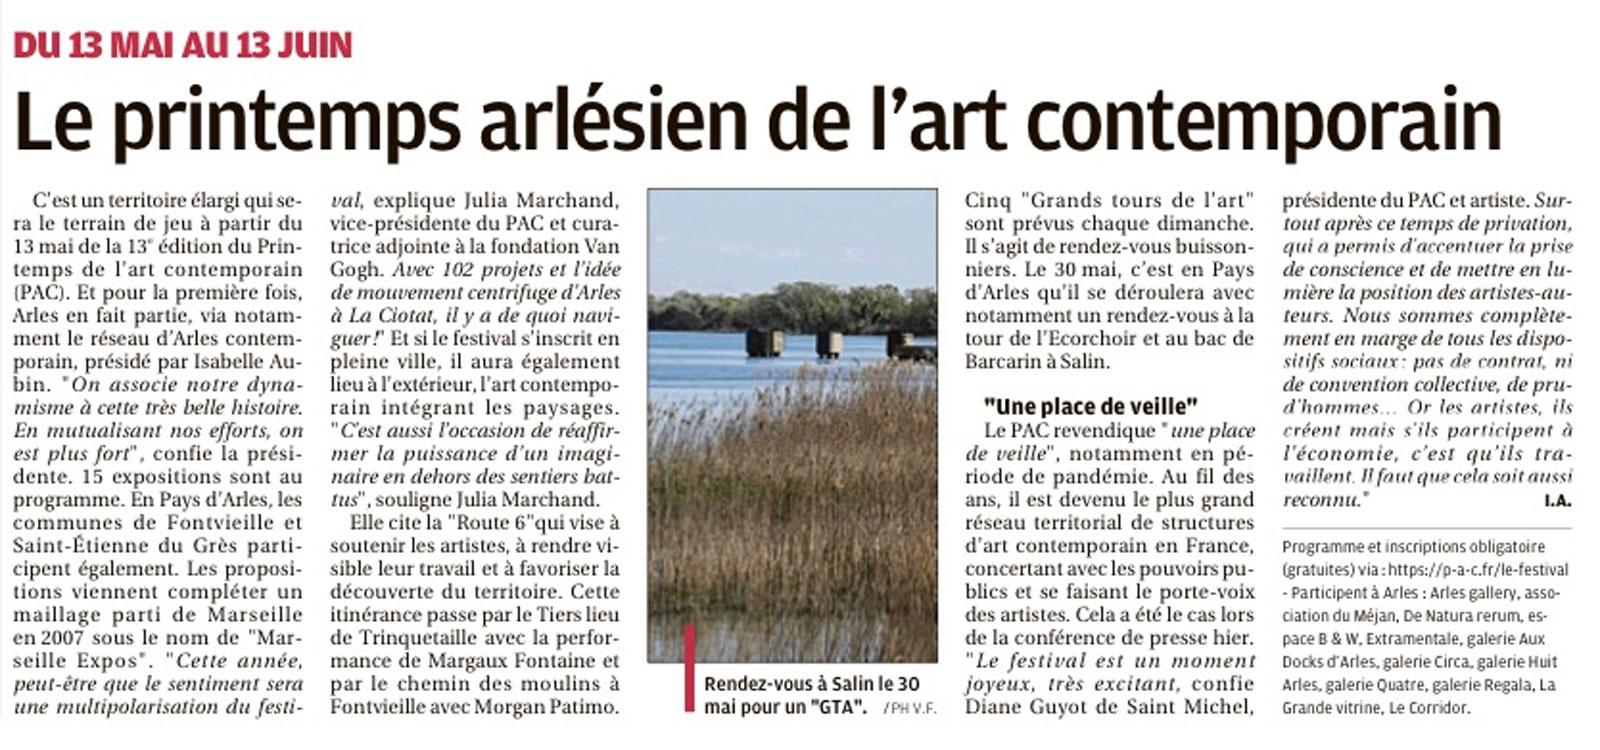 arrticle PAC-La-Provence